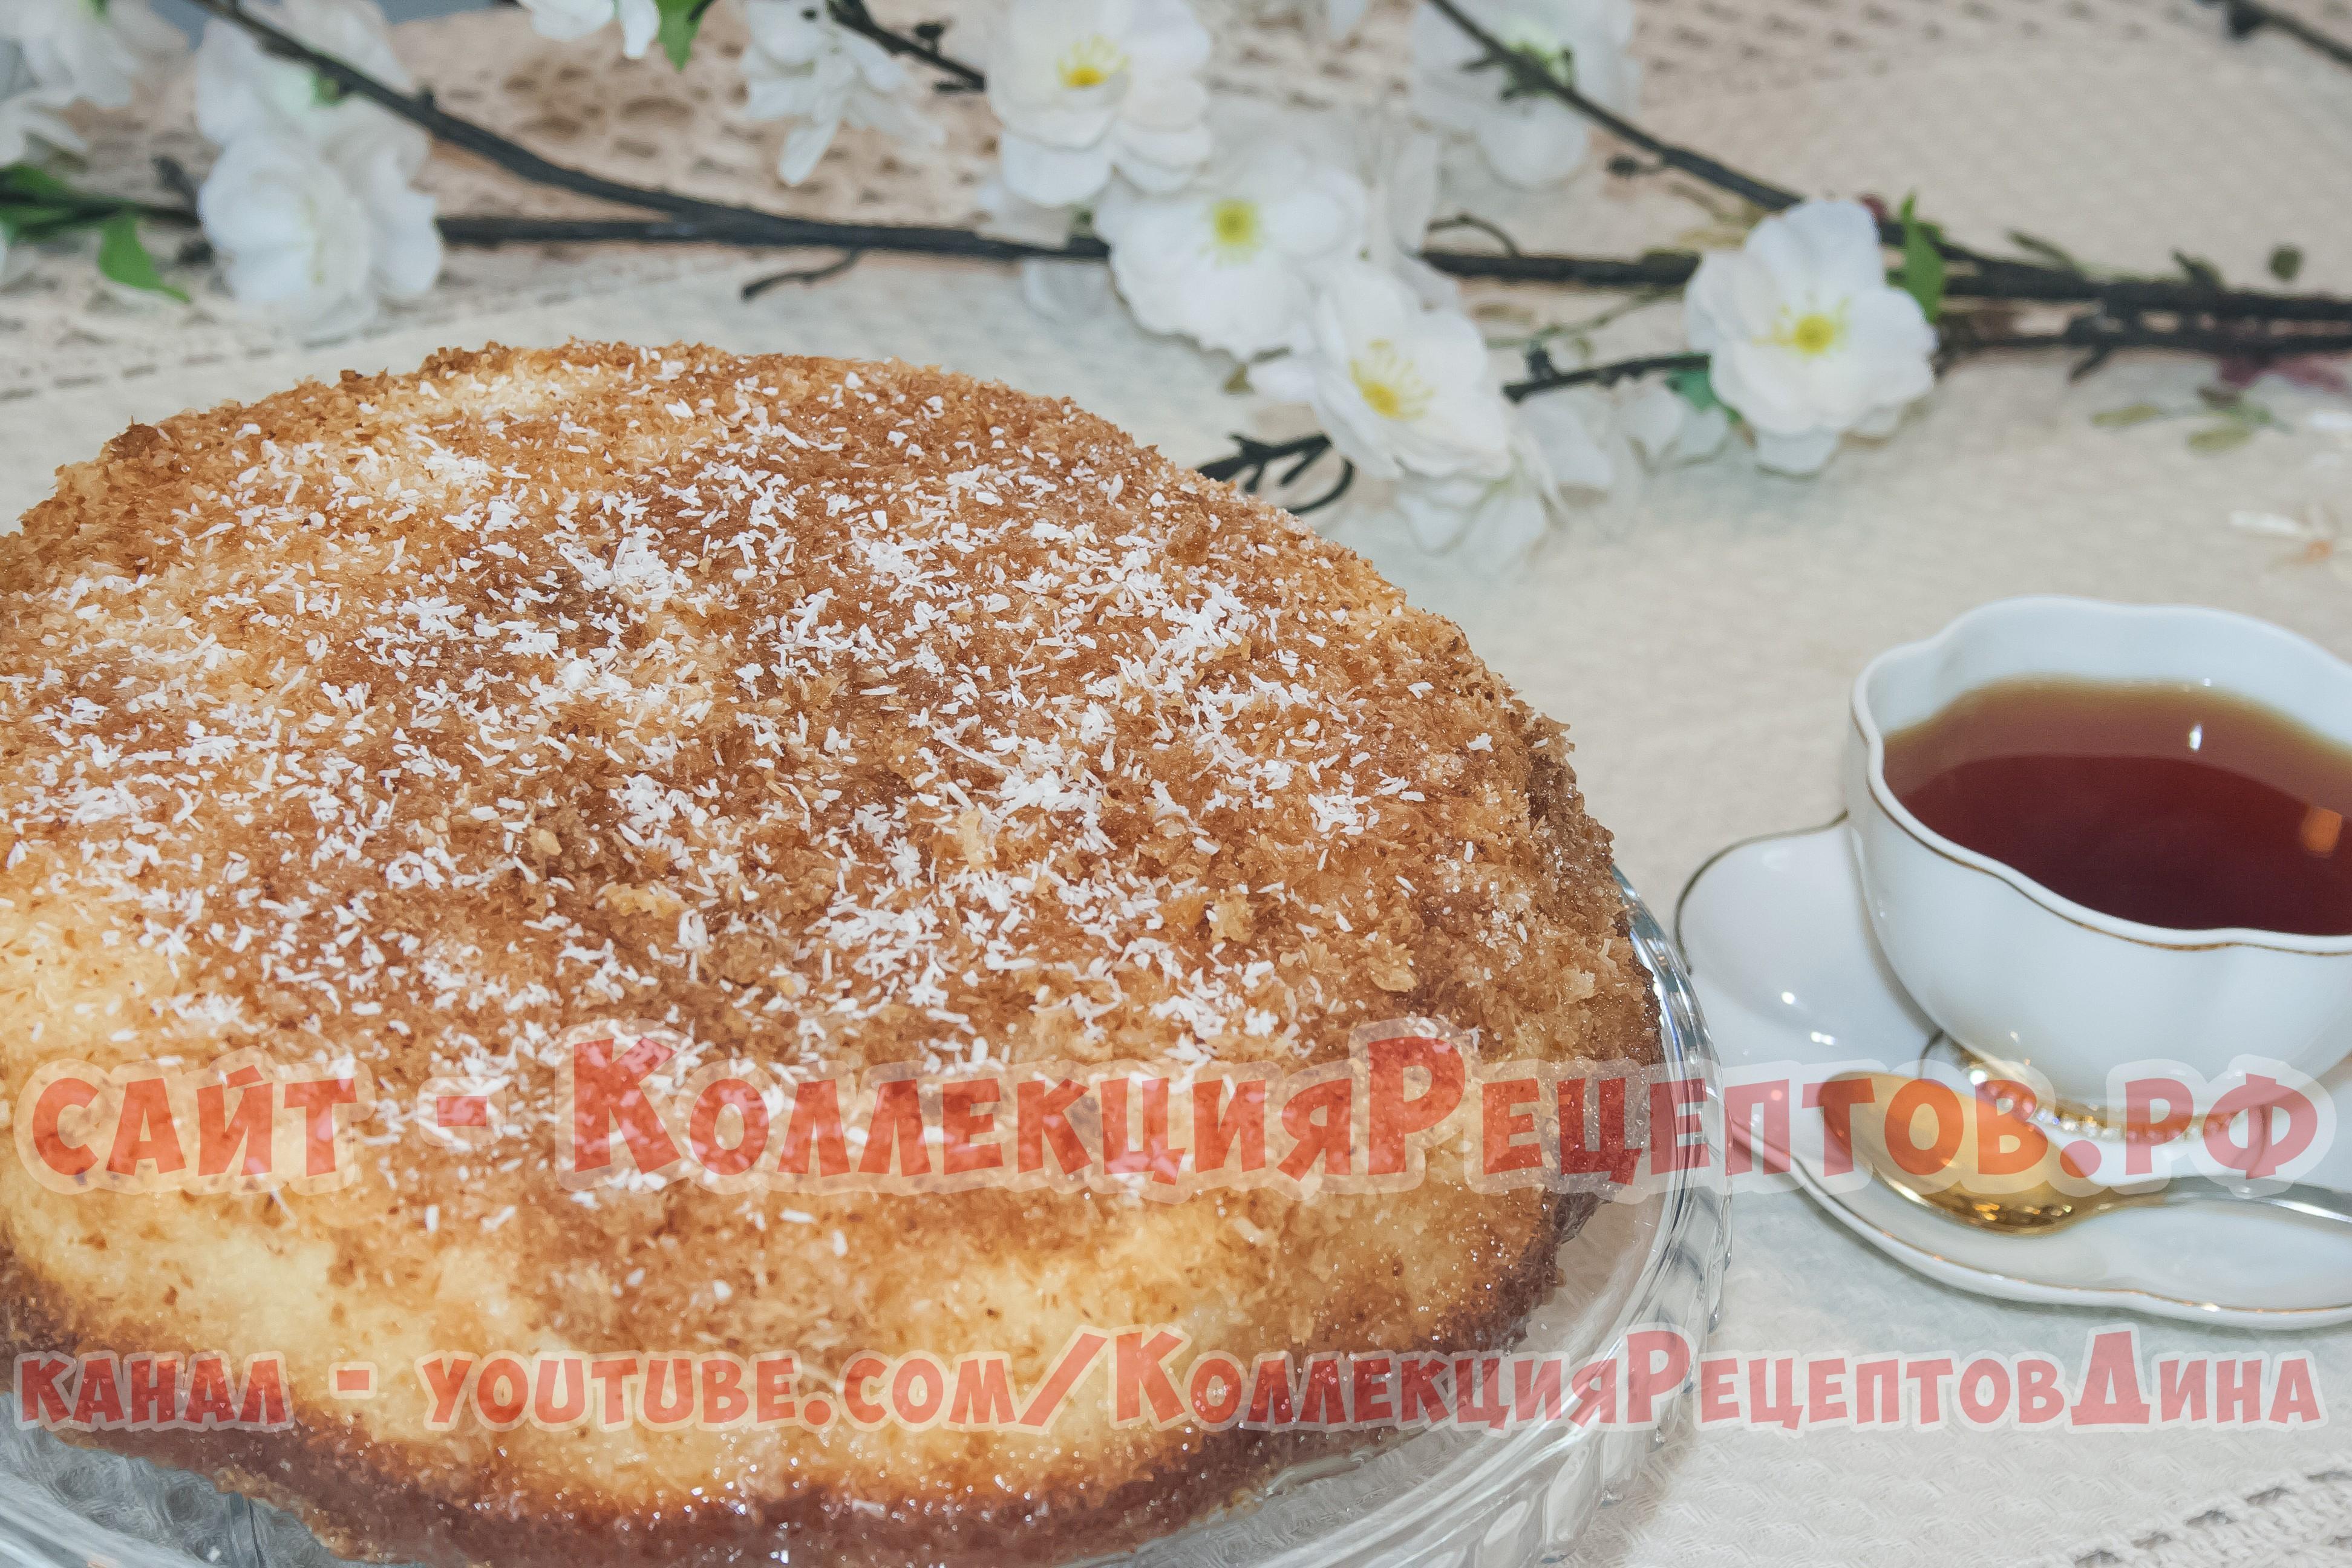 Кокосовый пирог на кефире рецепт пошагово